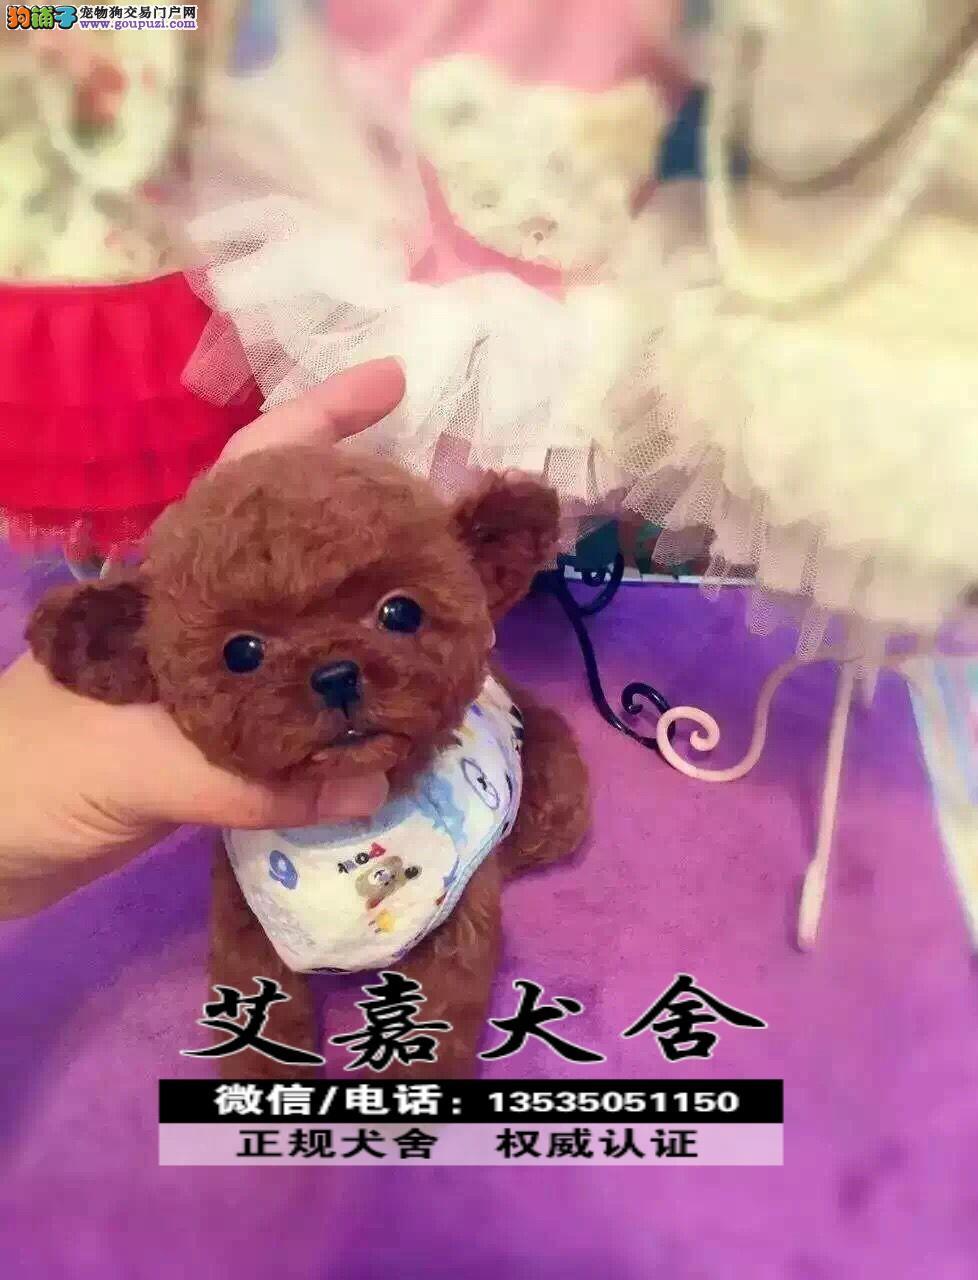 在广州市中心买泰迪熊小狗到哪里 可加微信视频狗狗